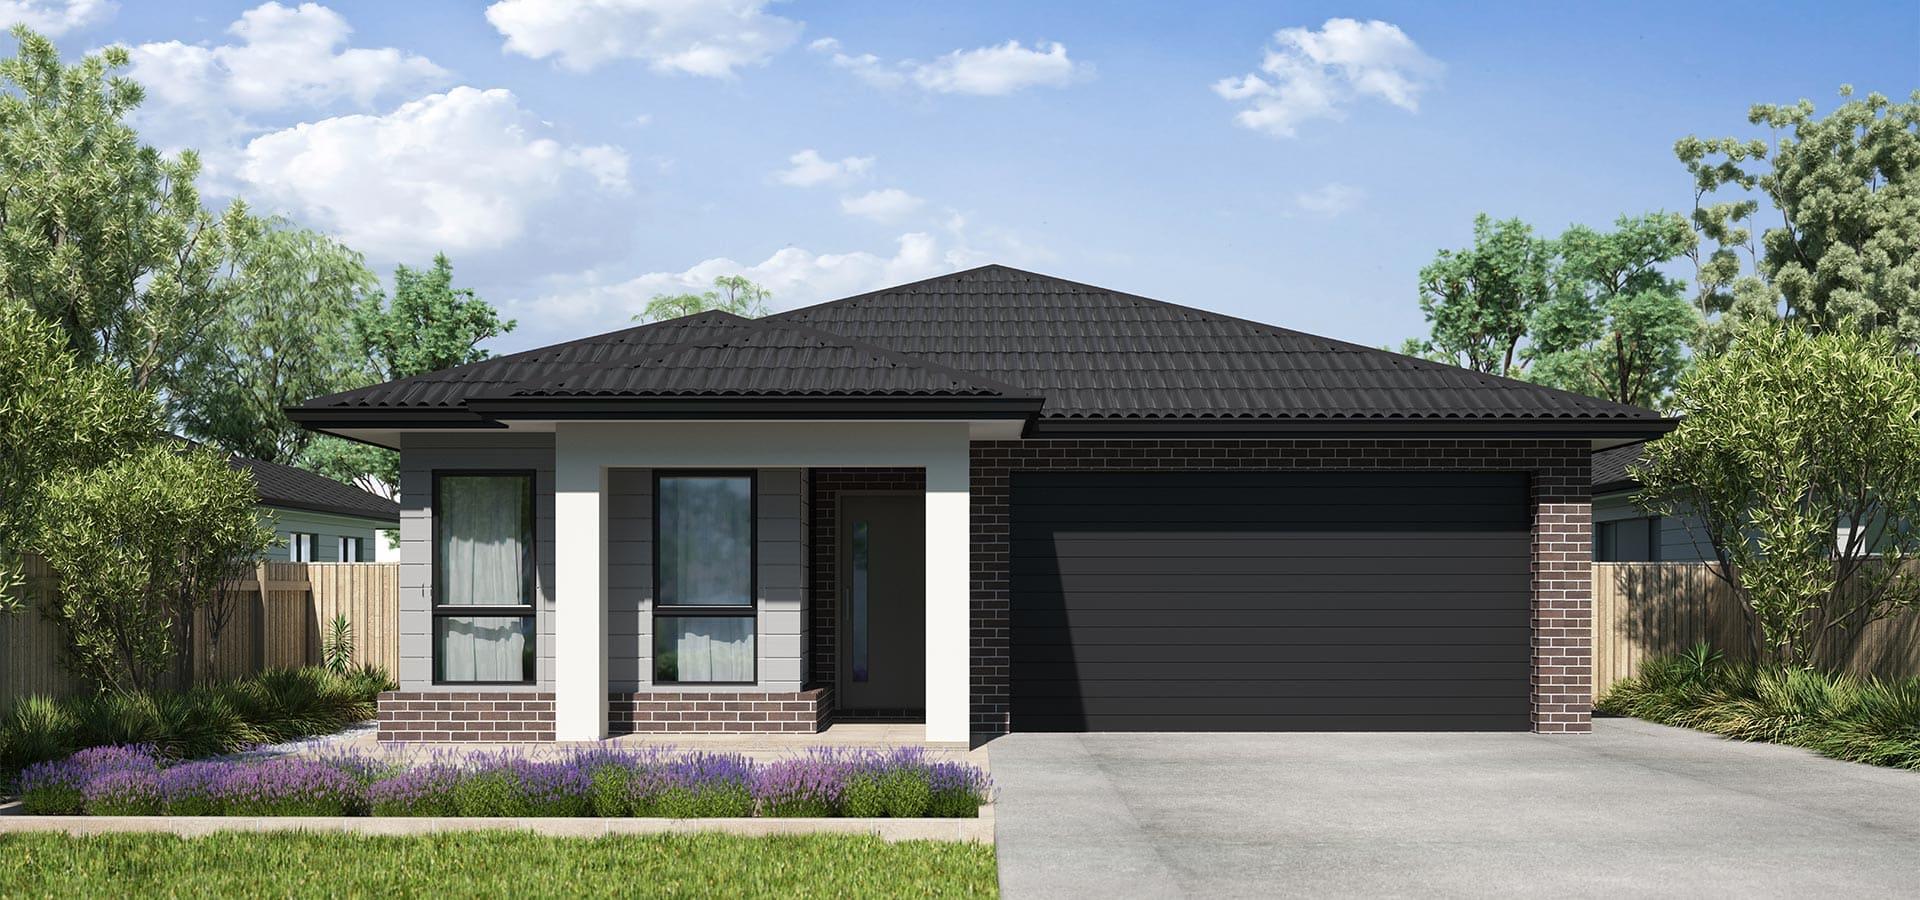 Freesia-12-13-Single-House-Design